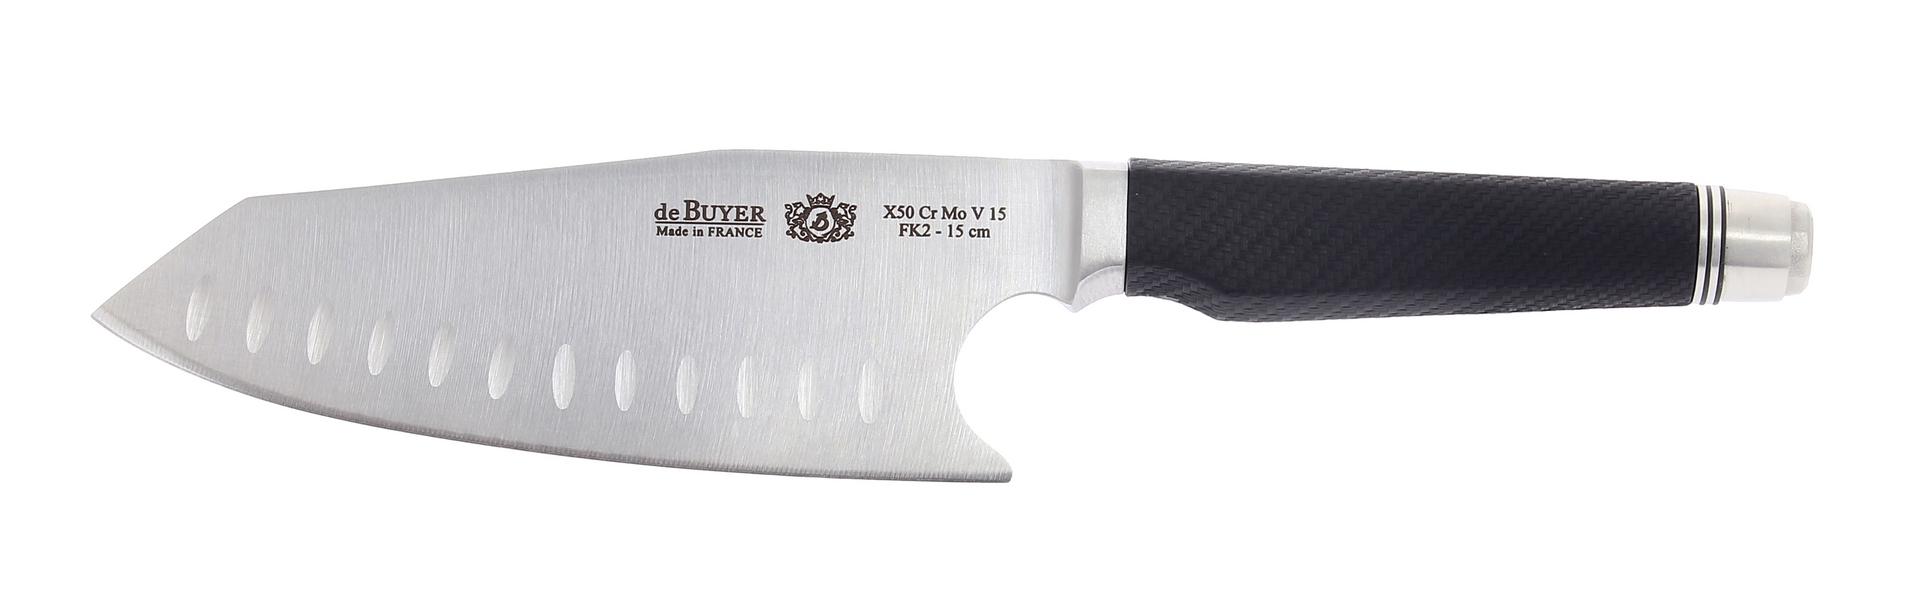 Asijský kuchařský nůž Fibre Karbon 2 De Buyer 17 cm - De buyer, Nůž asijský Chef FK2 17 cm